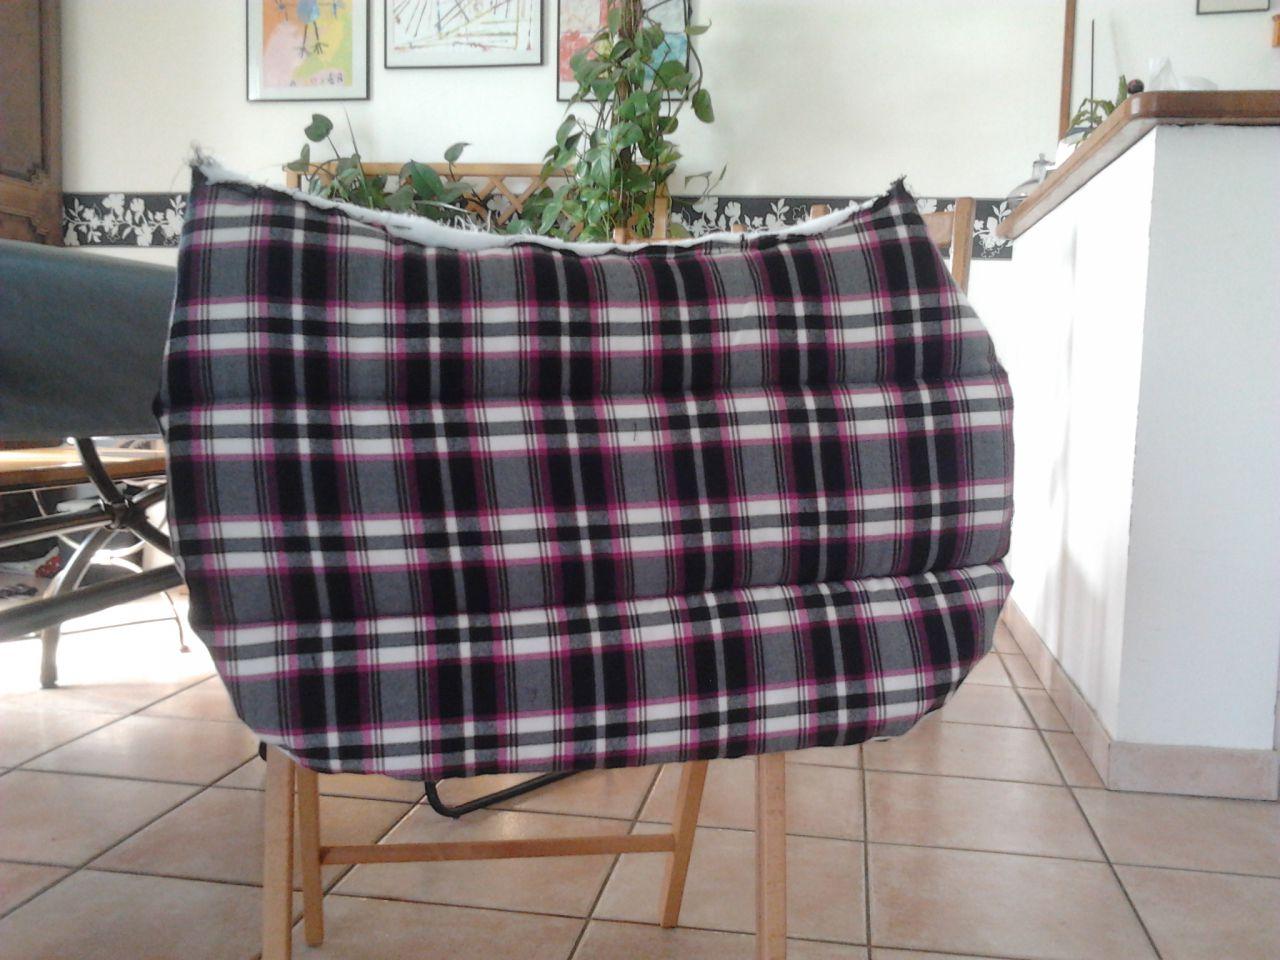 fabrication d 39 un tapis de selle en photos page 1. Black Bedroom Furniture Sets. Home Design Ideas